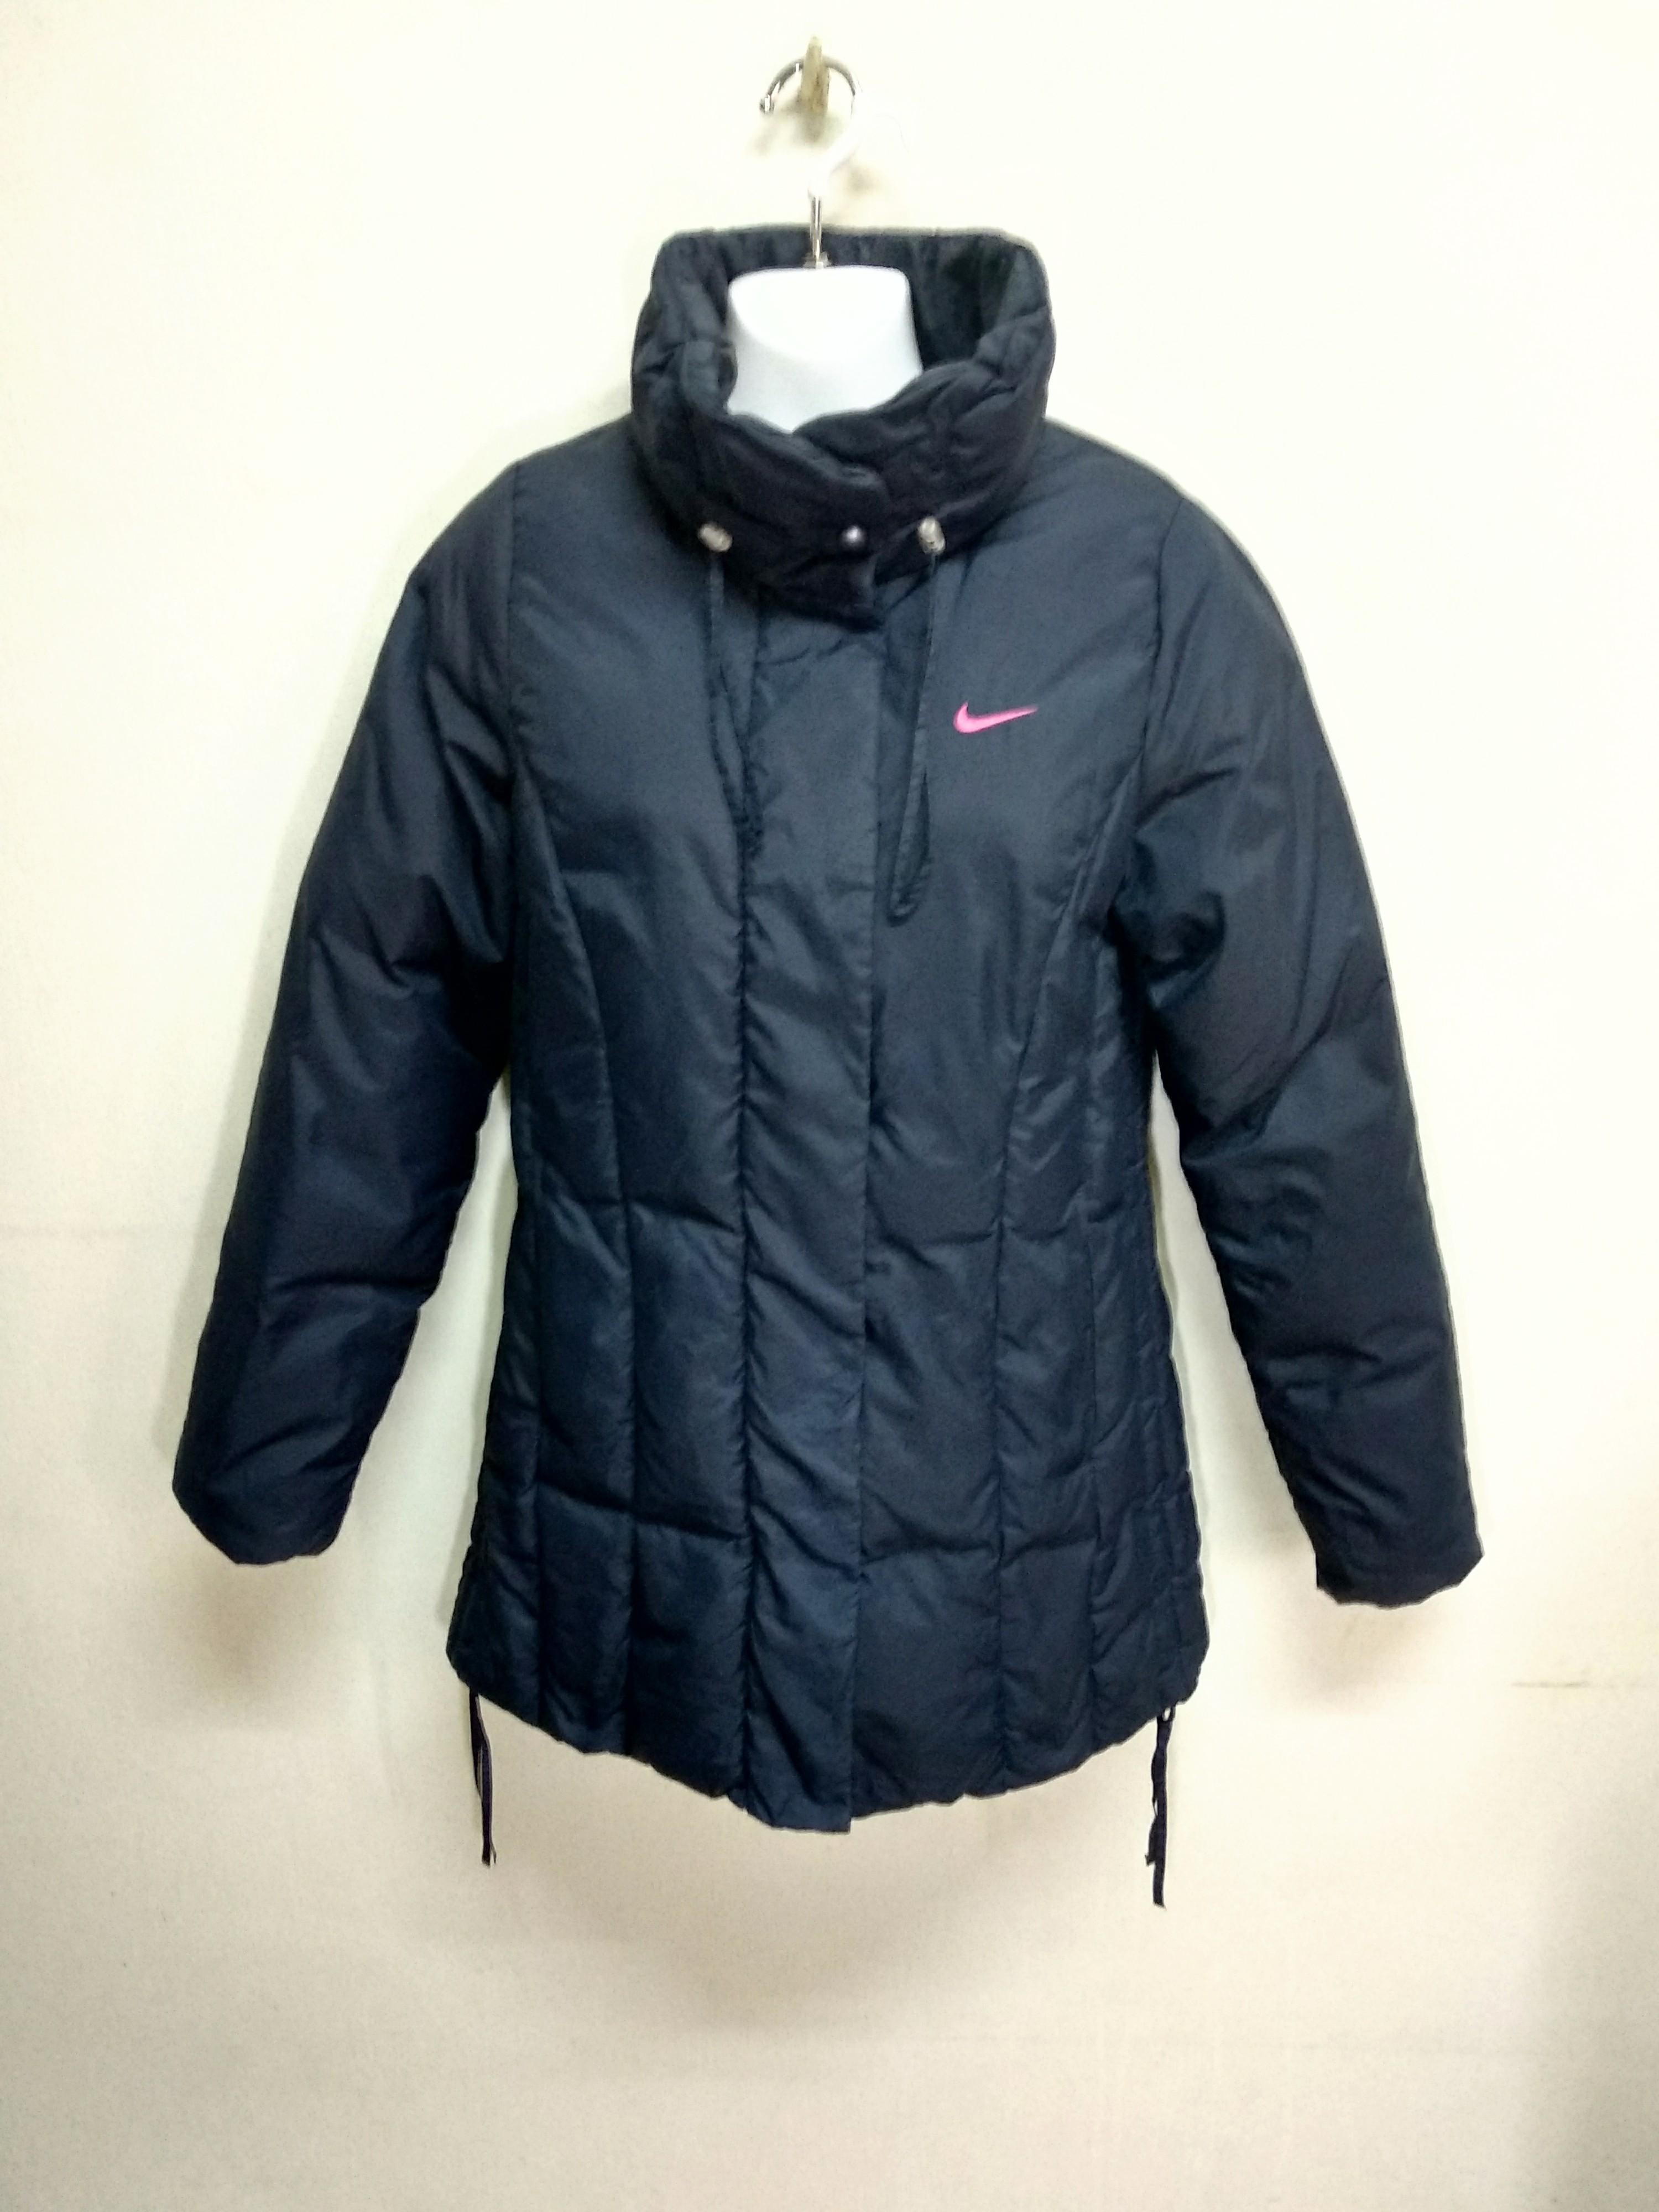 35e8fcf9e75e Nike Nike 550 down jacket Size m - Light Jackets for Sale - Grailed